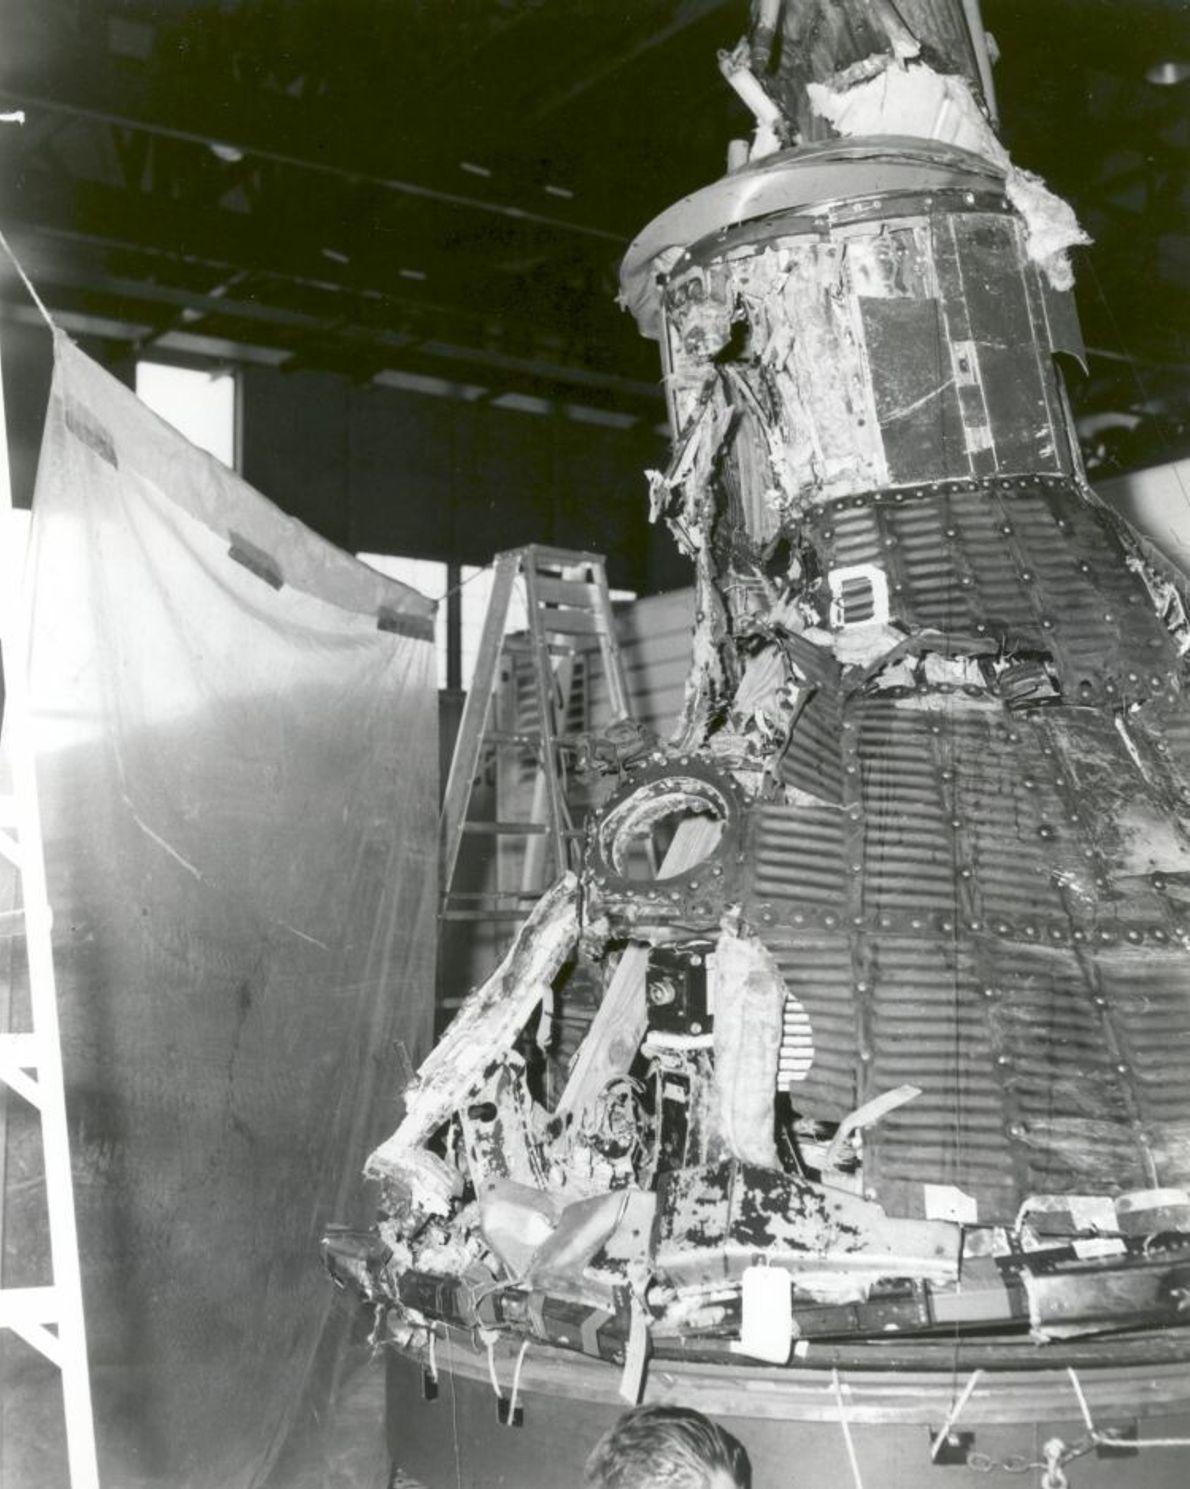 Der erste Mercury-Flug war kein Erfolg, aber sein Scheitern führte immerhin zu Verbesserungen im Design. Es ...